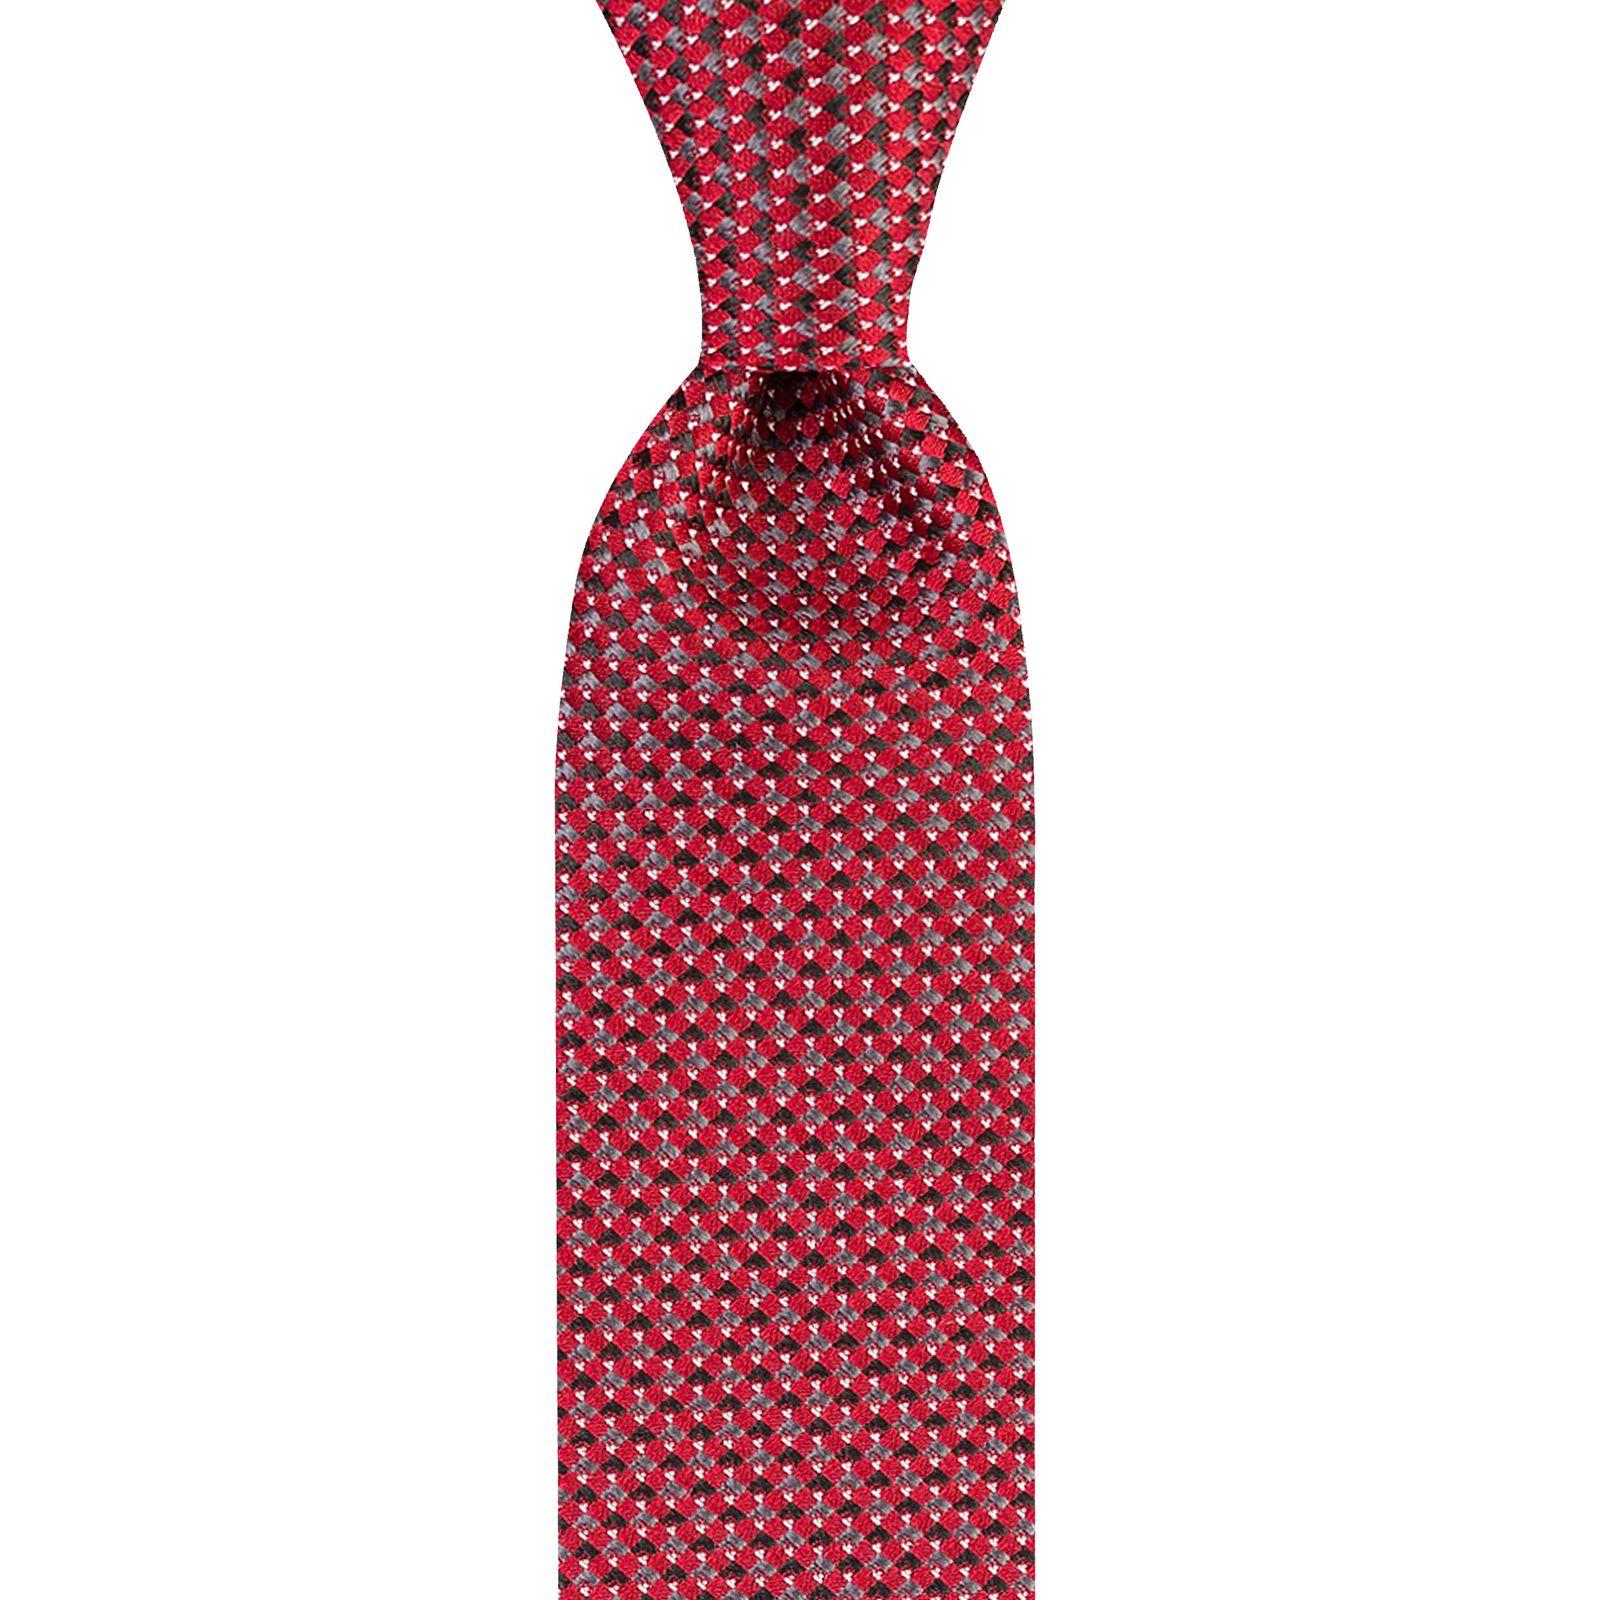 ست کراوات و دستمال جیب و گل کت مردانه جیان فرانکو روسی مدل GF-PO228-BE -  - 2